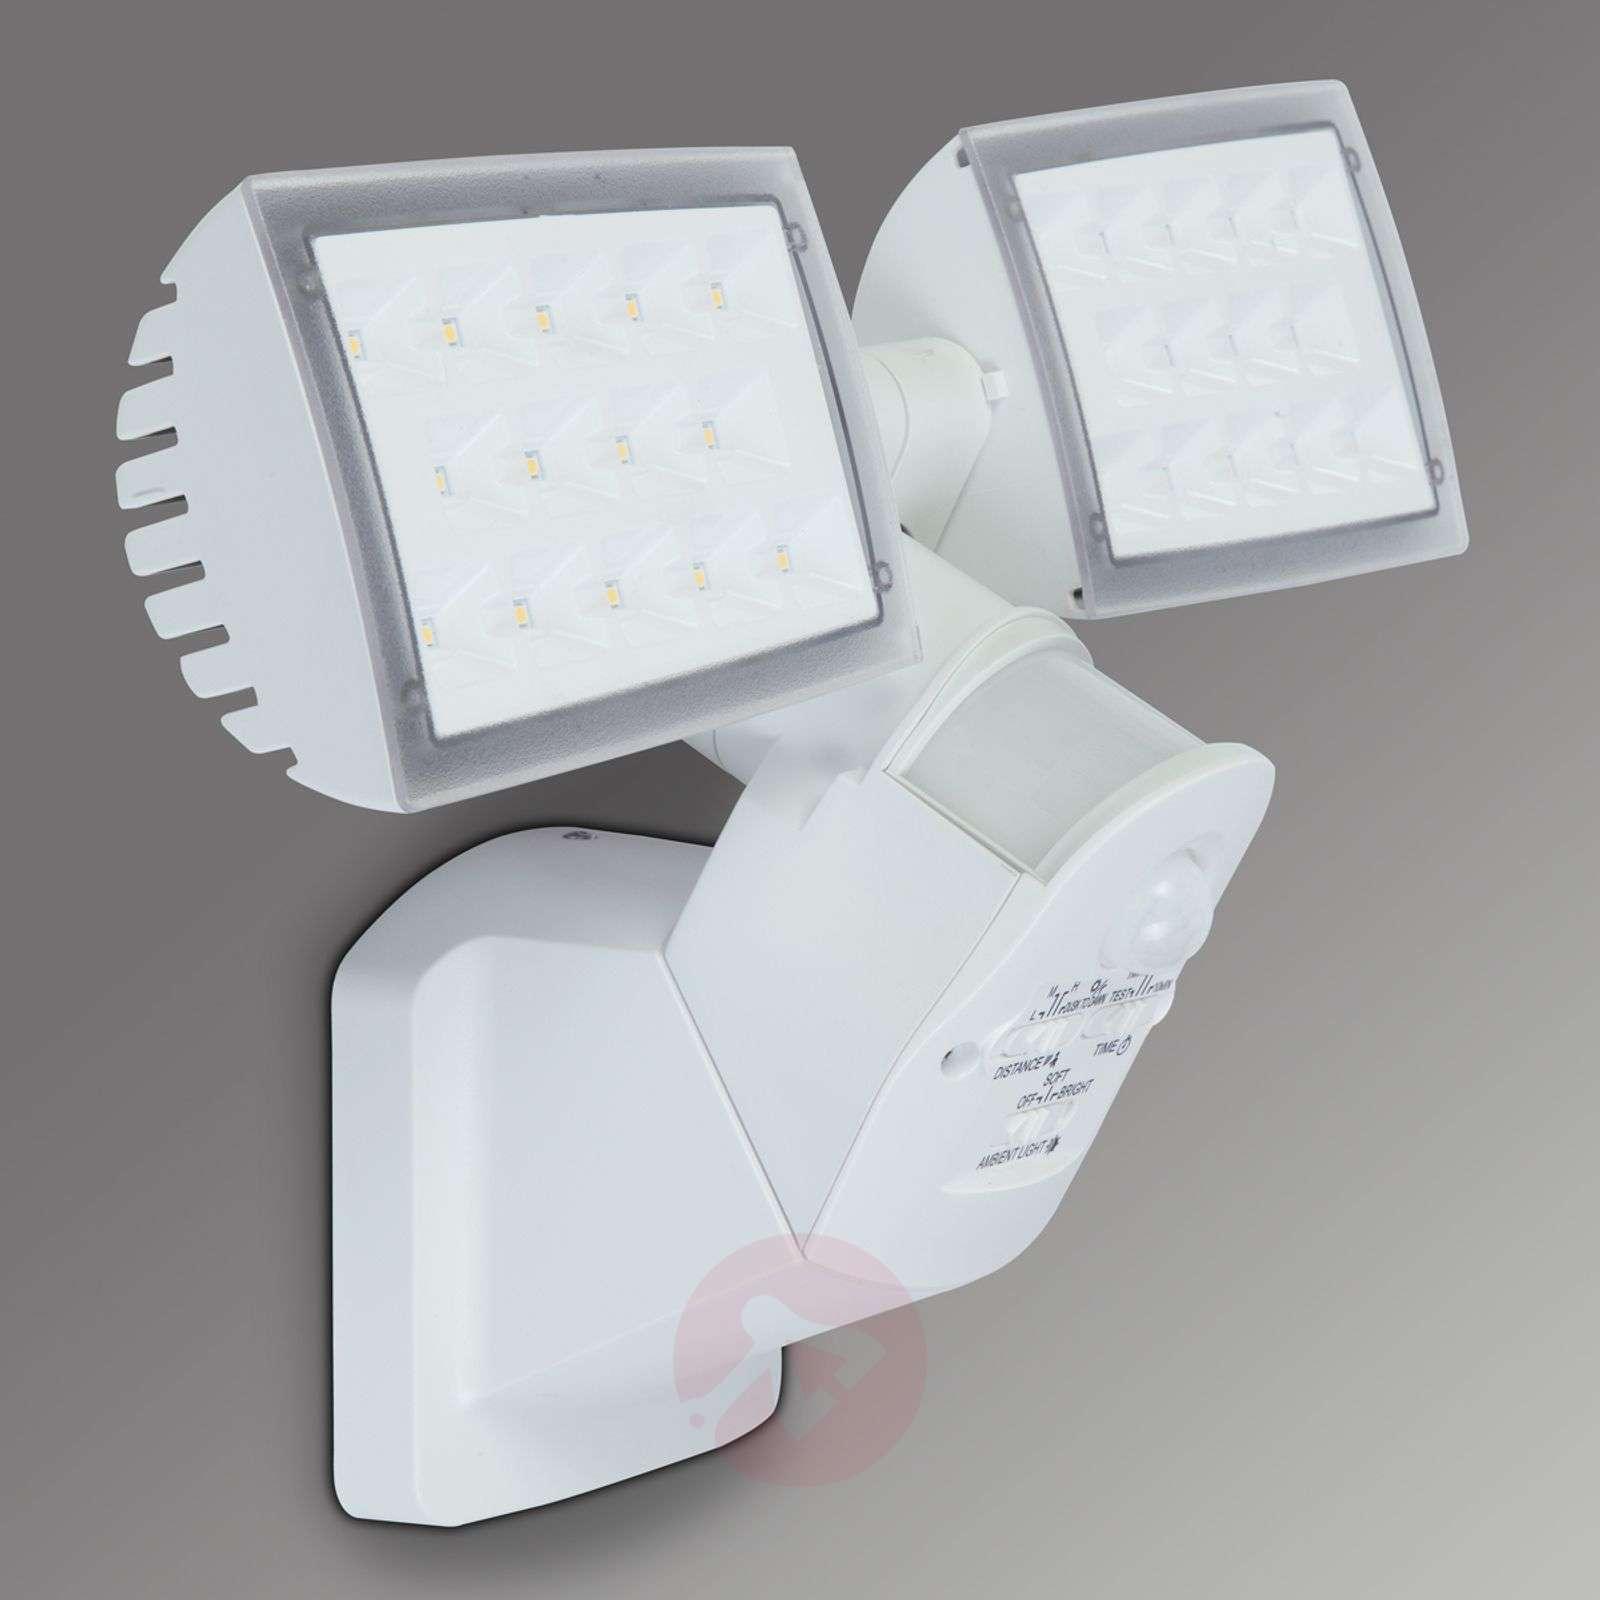 2-lamppuinen LED-ulkoseinävalo Peri, liikeilmaisin-3006328-01